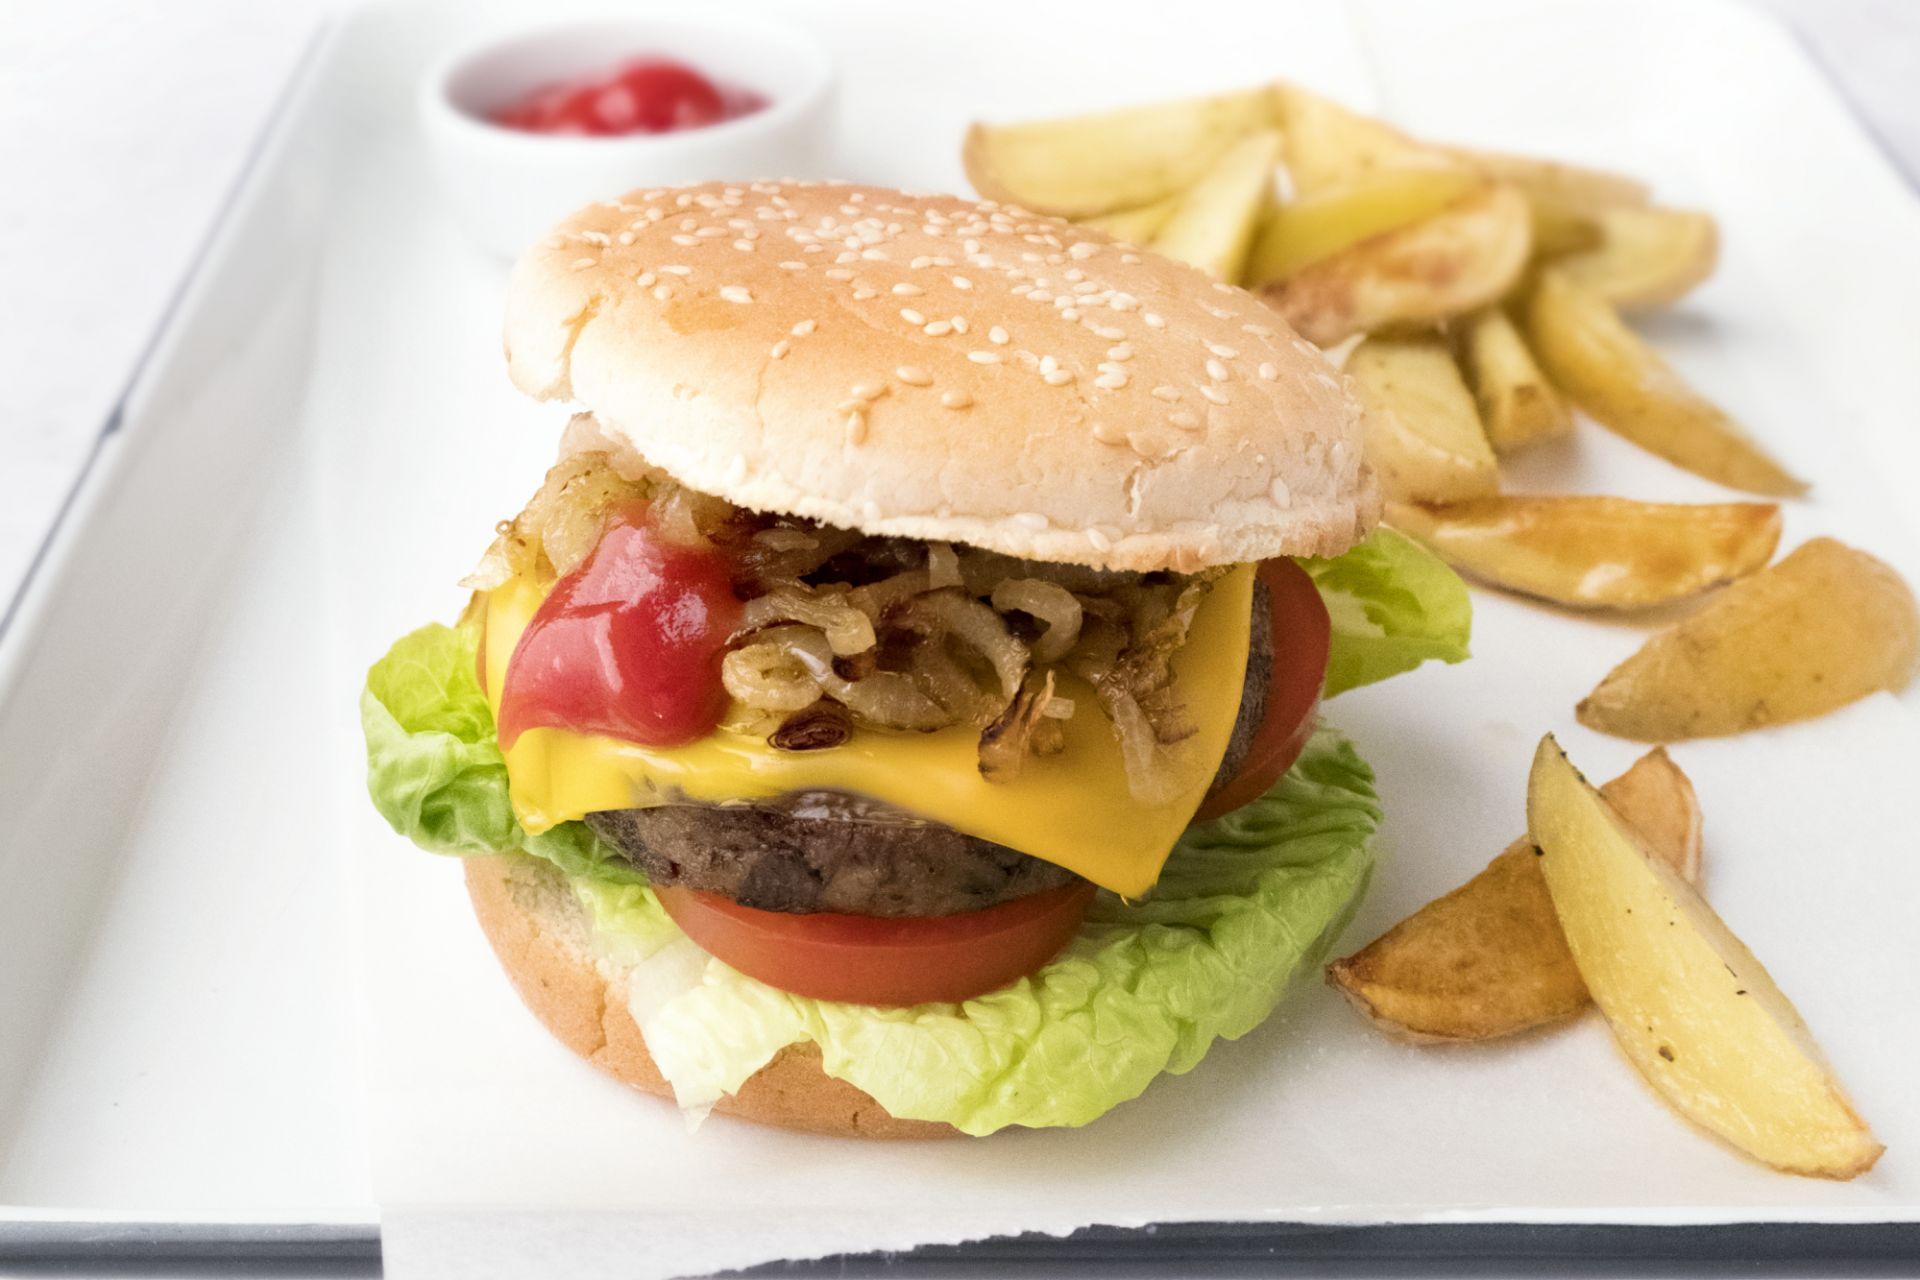 Champignon-cheeseburger met aardappelwedges